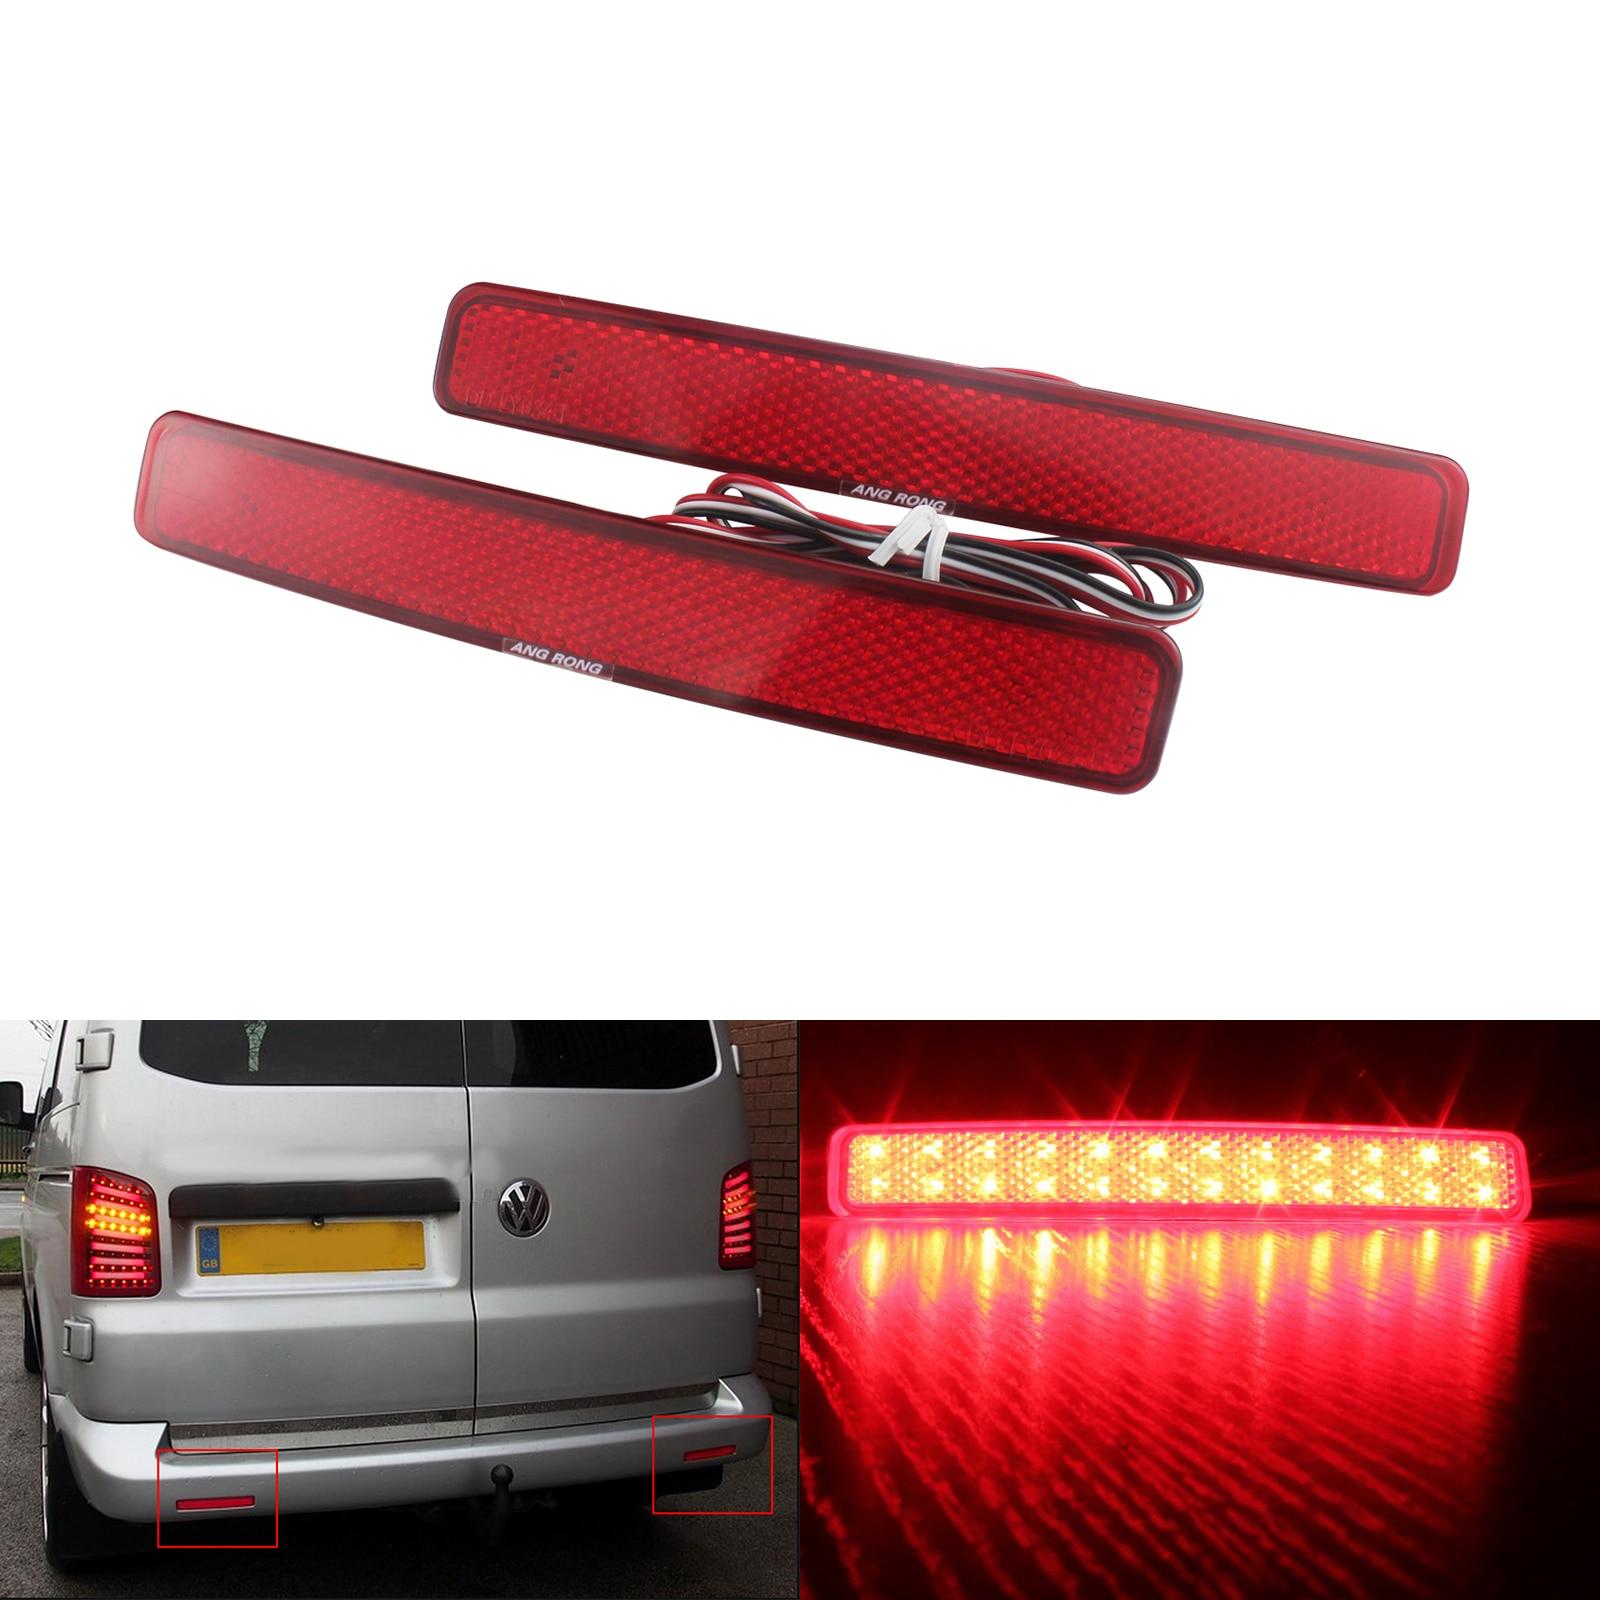 VW Transporter T5 Red Lens LED Rear Bumper Reflector Reverse Brake Stop Light